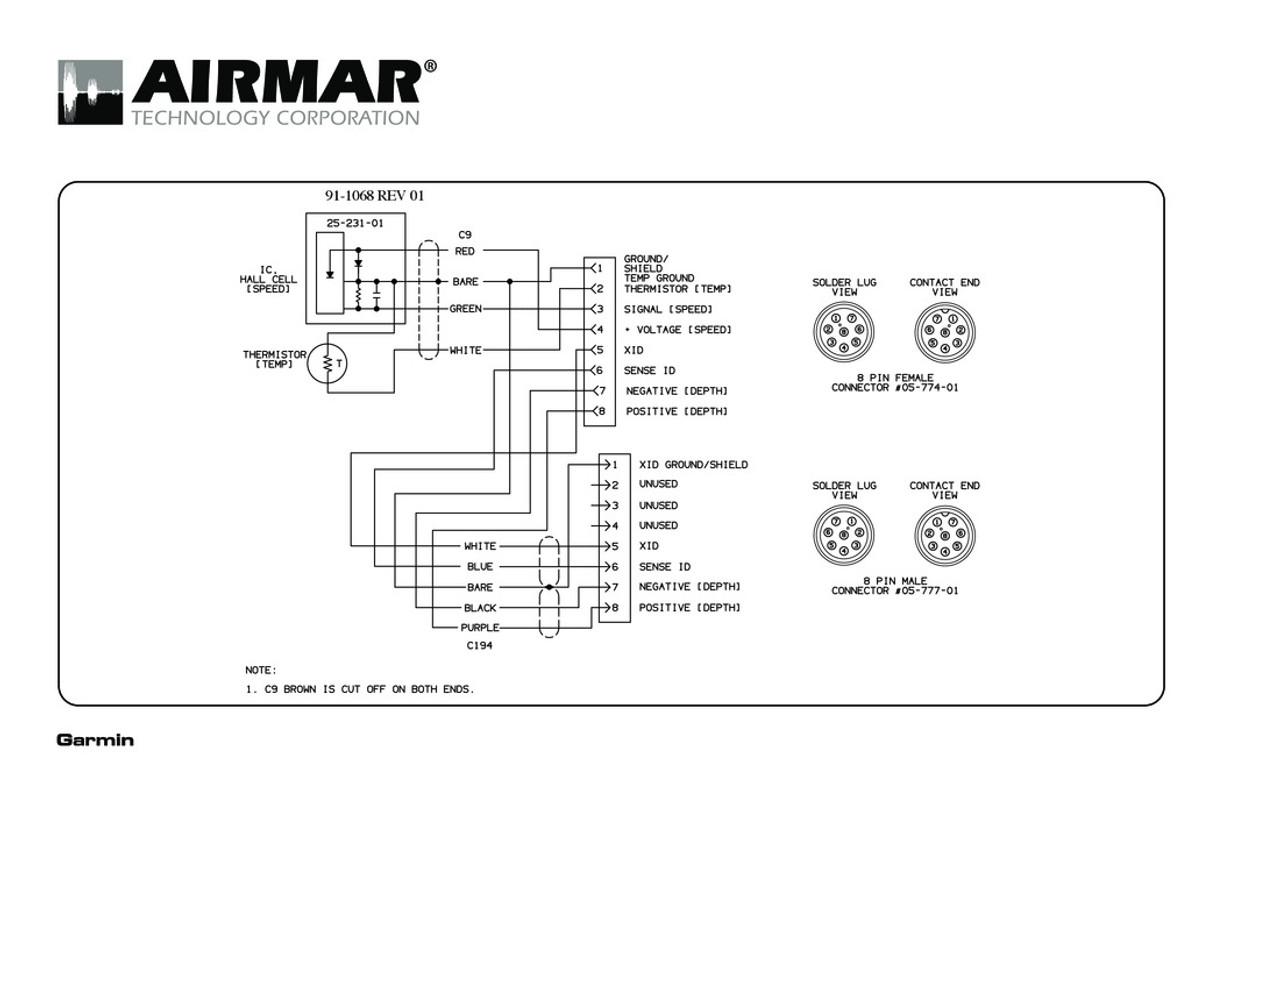 Garmin Chartplotter Wiring Diagram on garmin speedometer, atx connector diagram, garmin network cable wiring, data mapping diagram, garmin sensor, garmin 3010c wiring, garmin usb wiring,